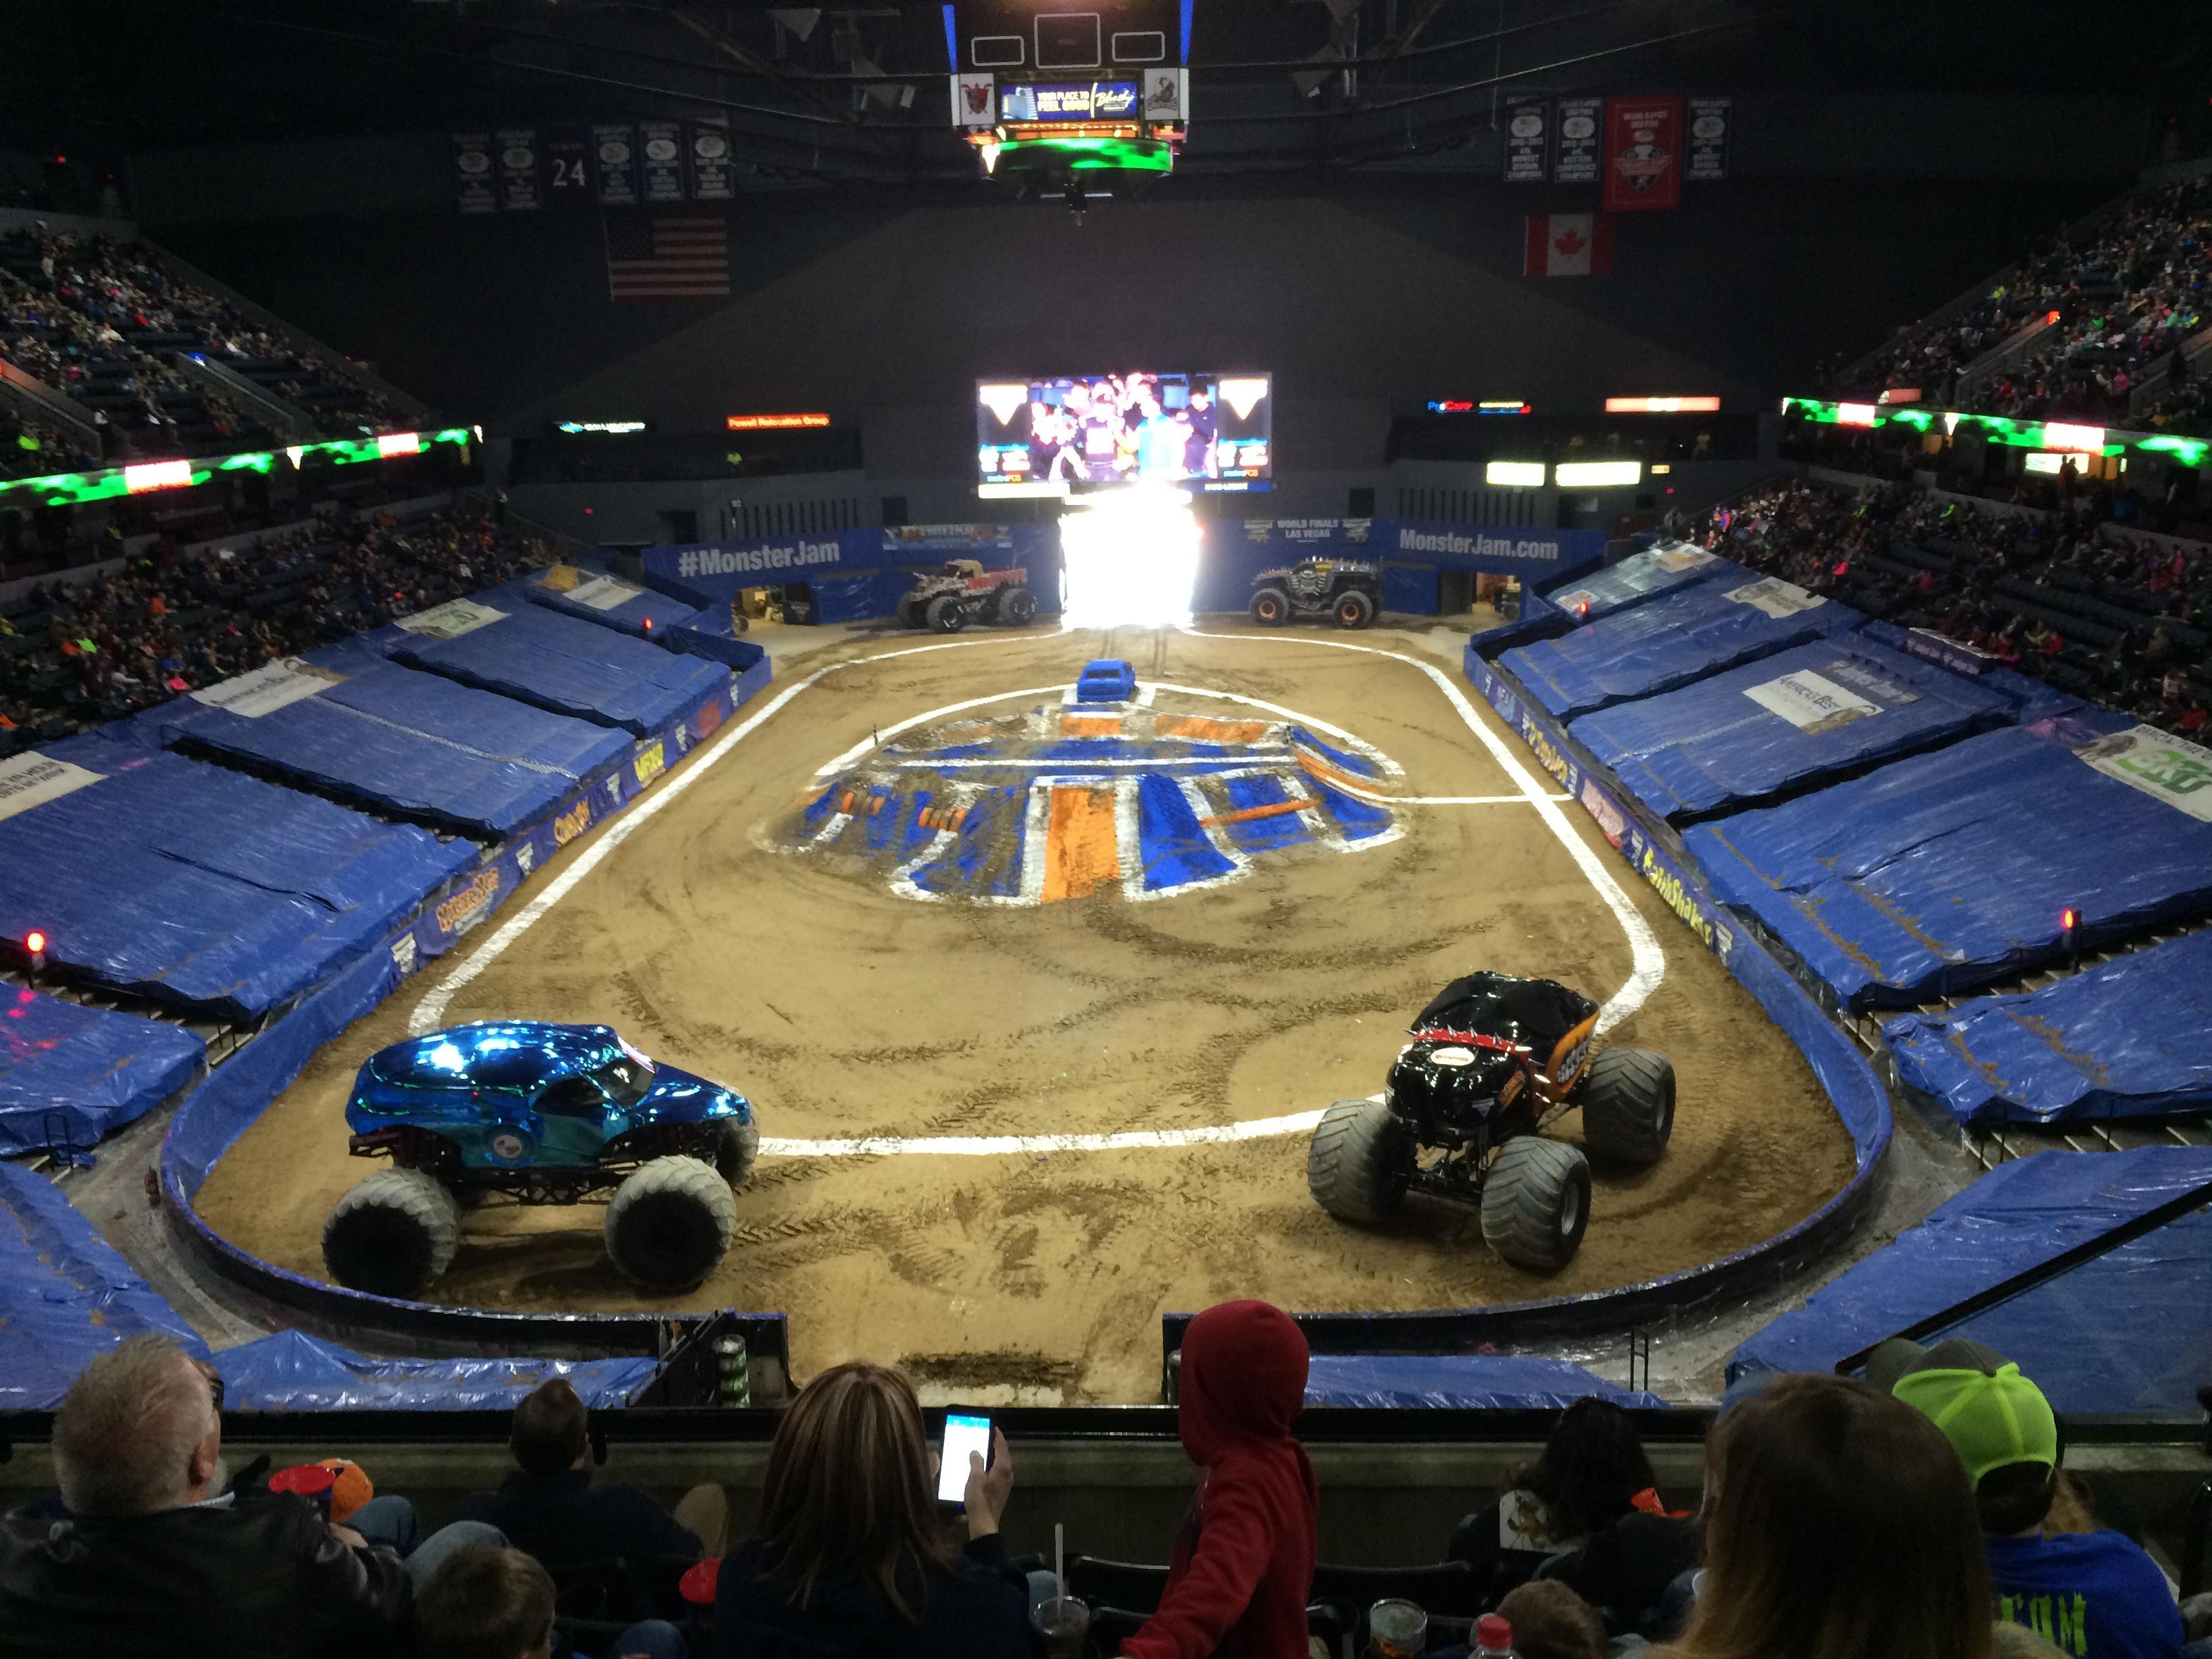 Van Andel Arena Section 201 Row F